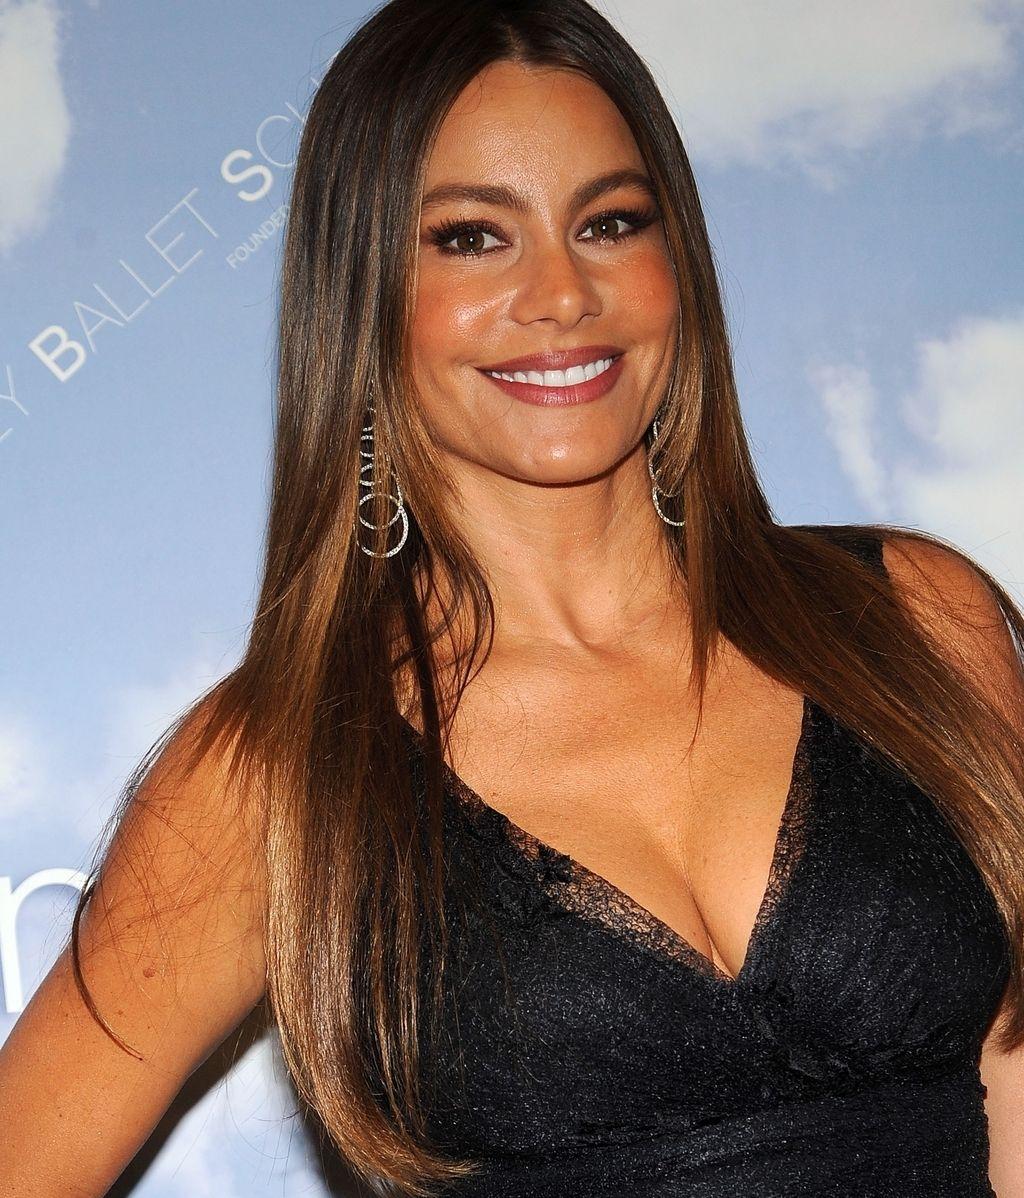 La actriz colombiana Sofía Vergara. Foto: Gtres